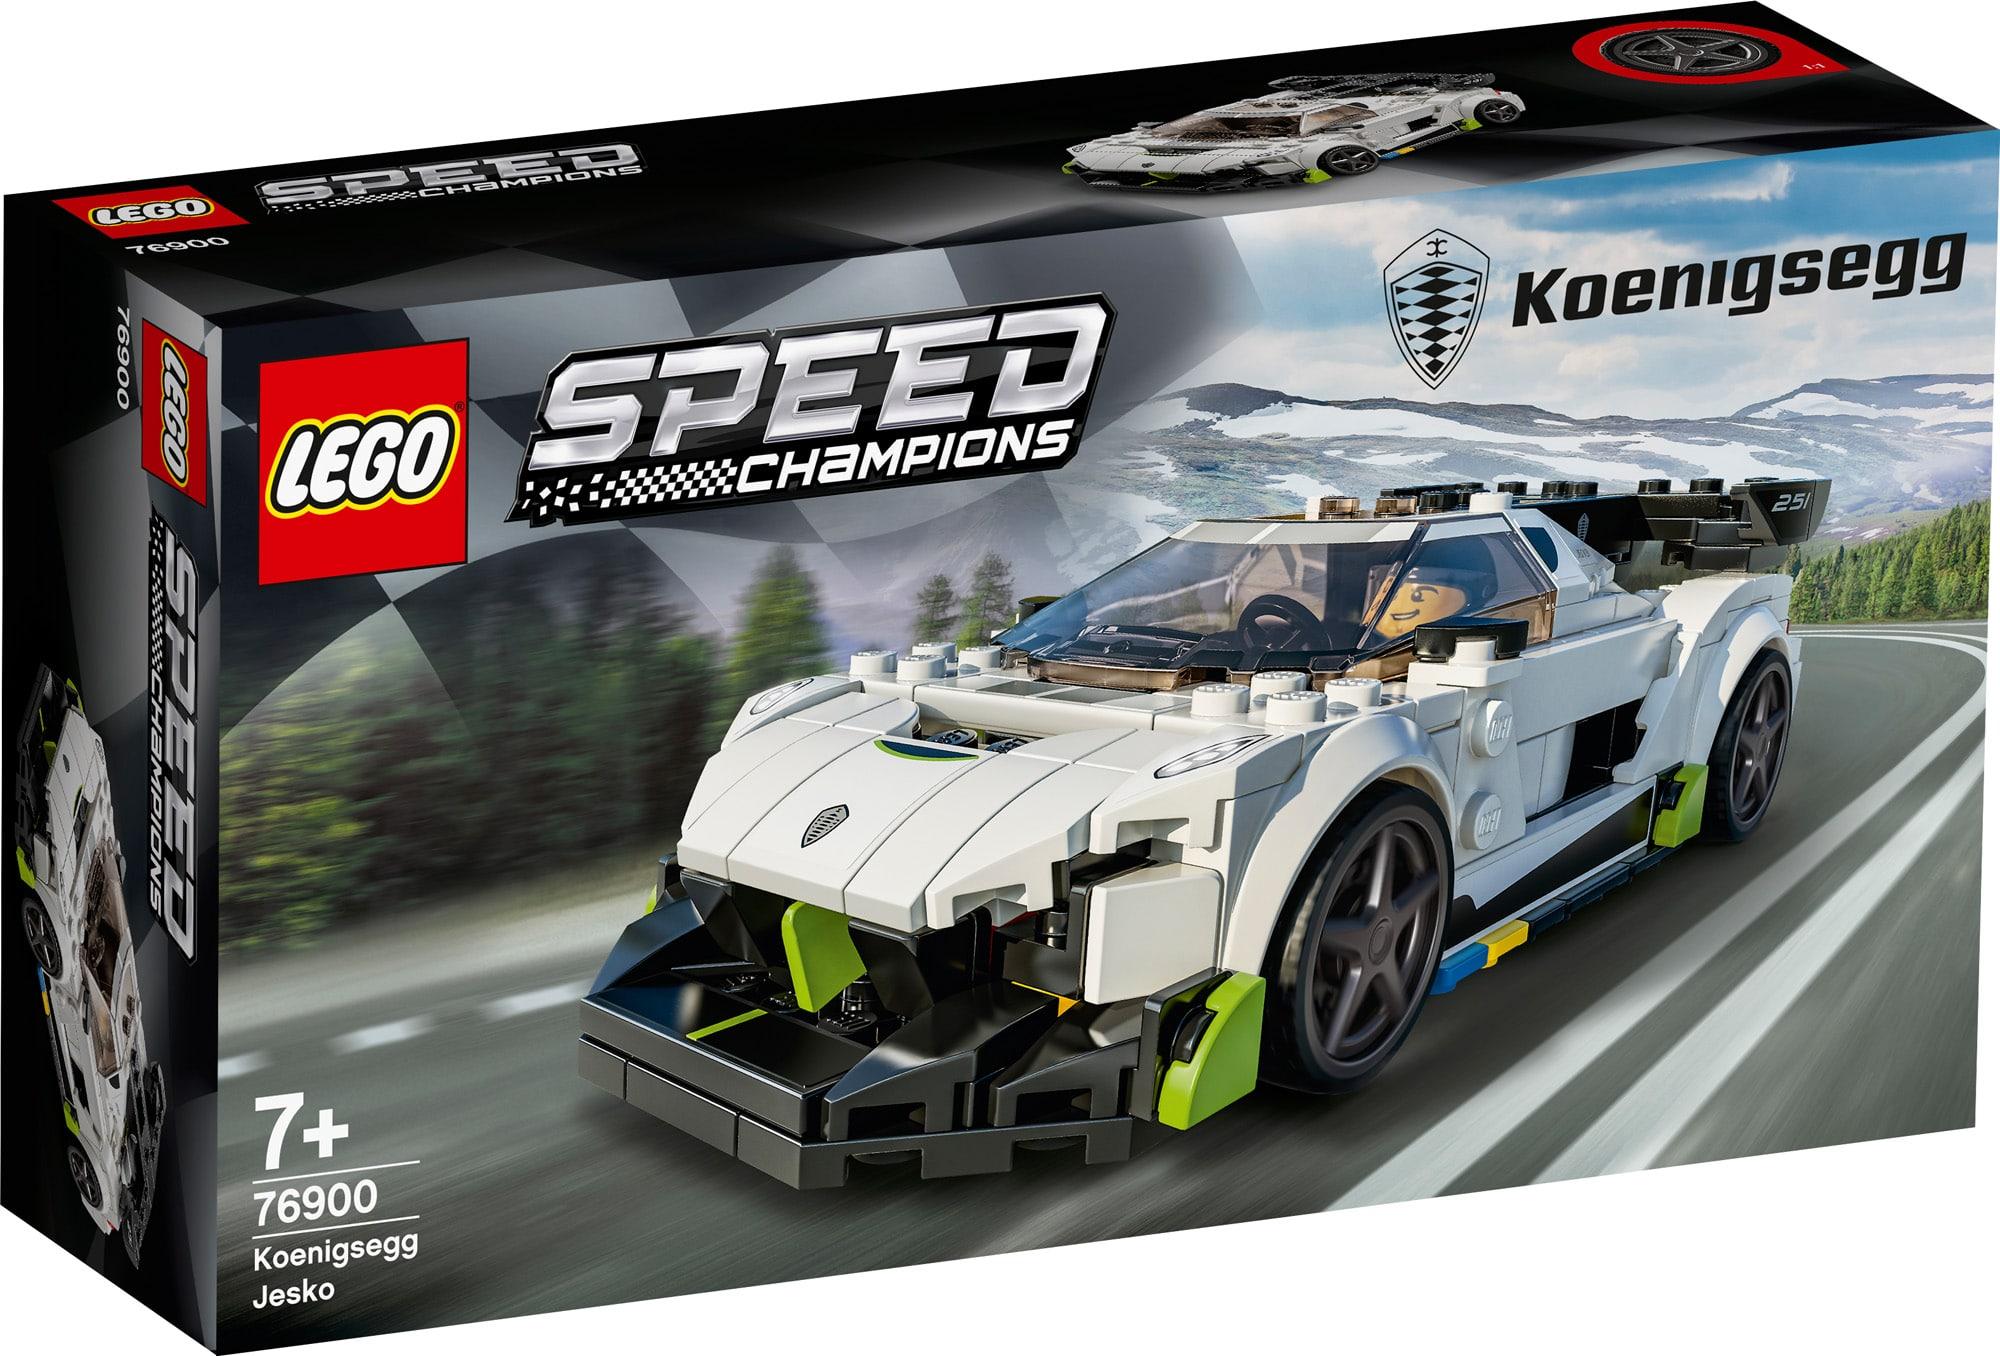 レゴ(LEGO) スピードチャンピオン ケーニグセグ 76900